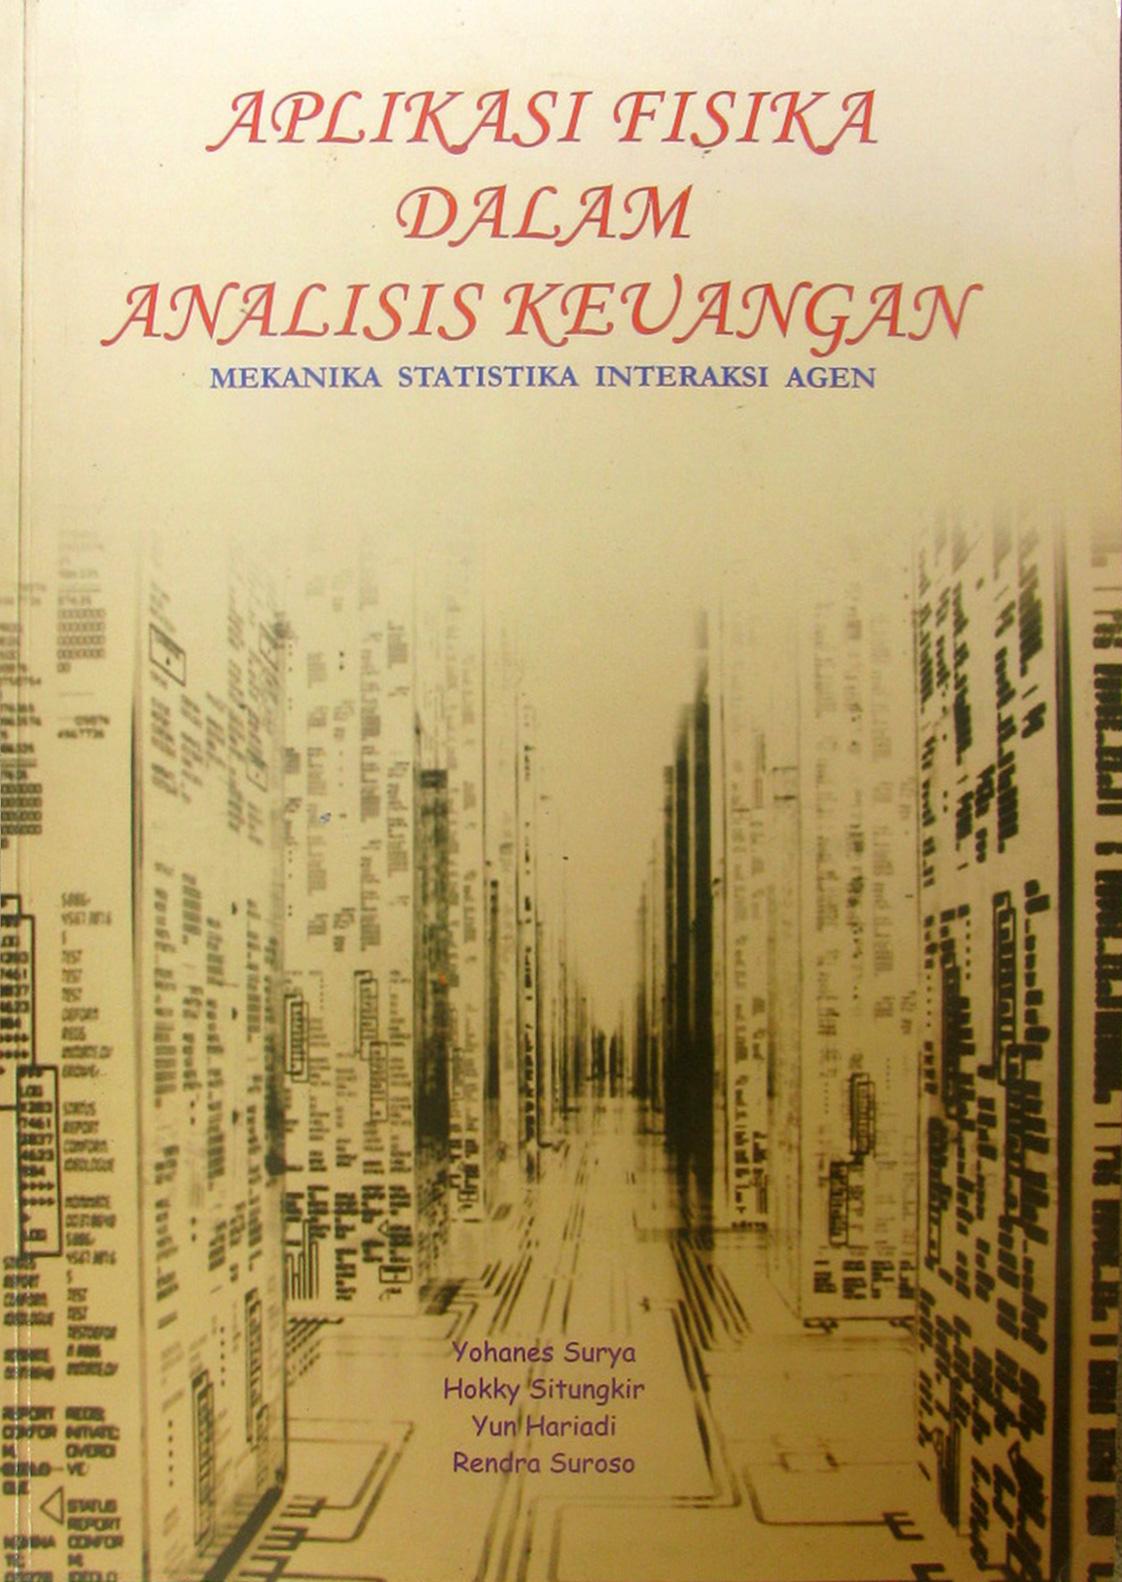 Aplikasi Fisika Dalam Analisis Keuangan: Mekanika Statistika Interaksi Agen